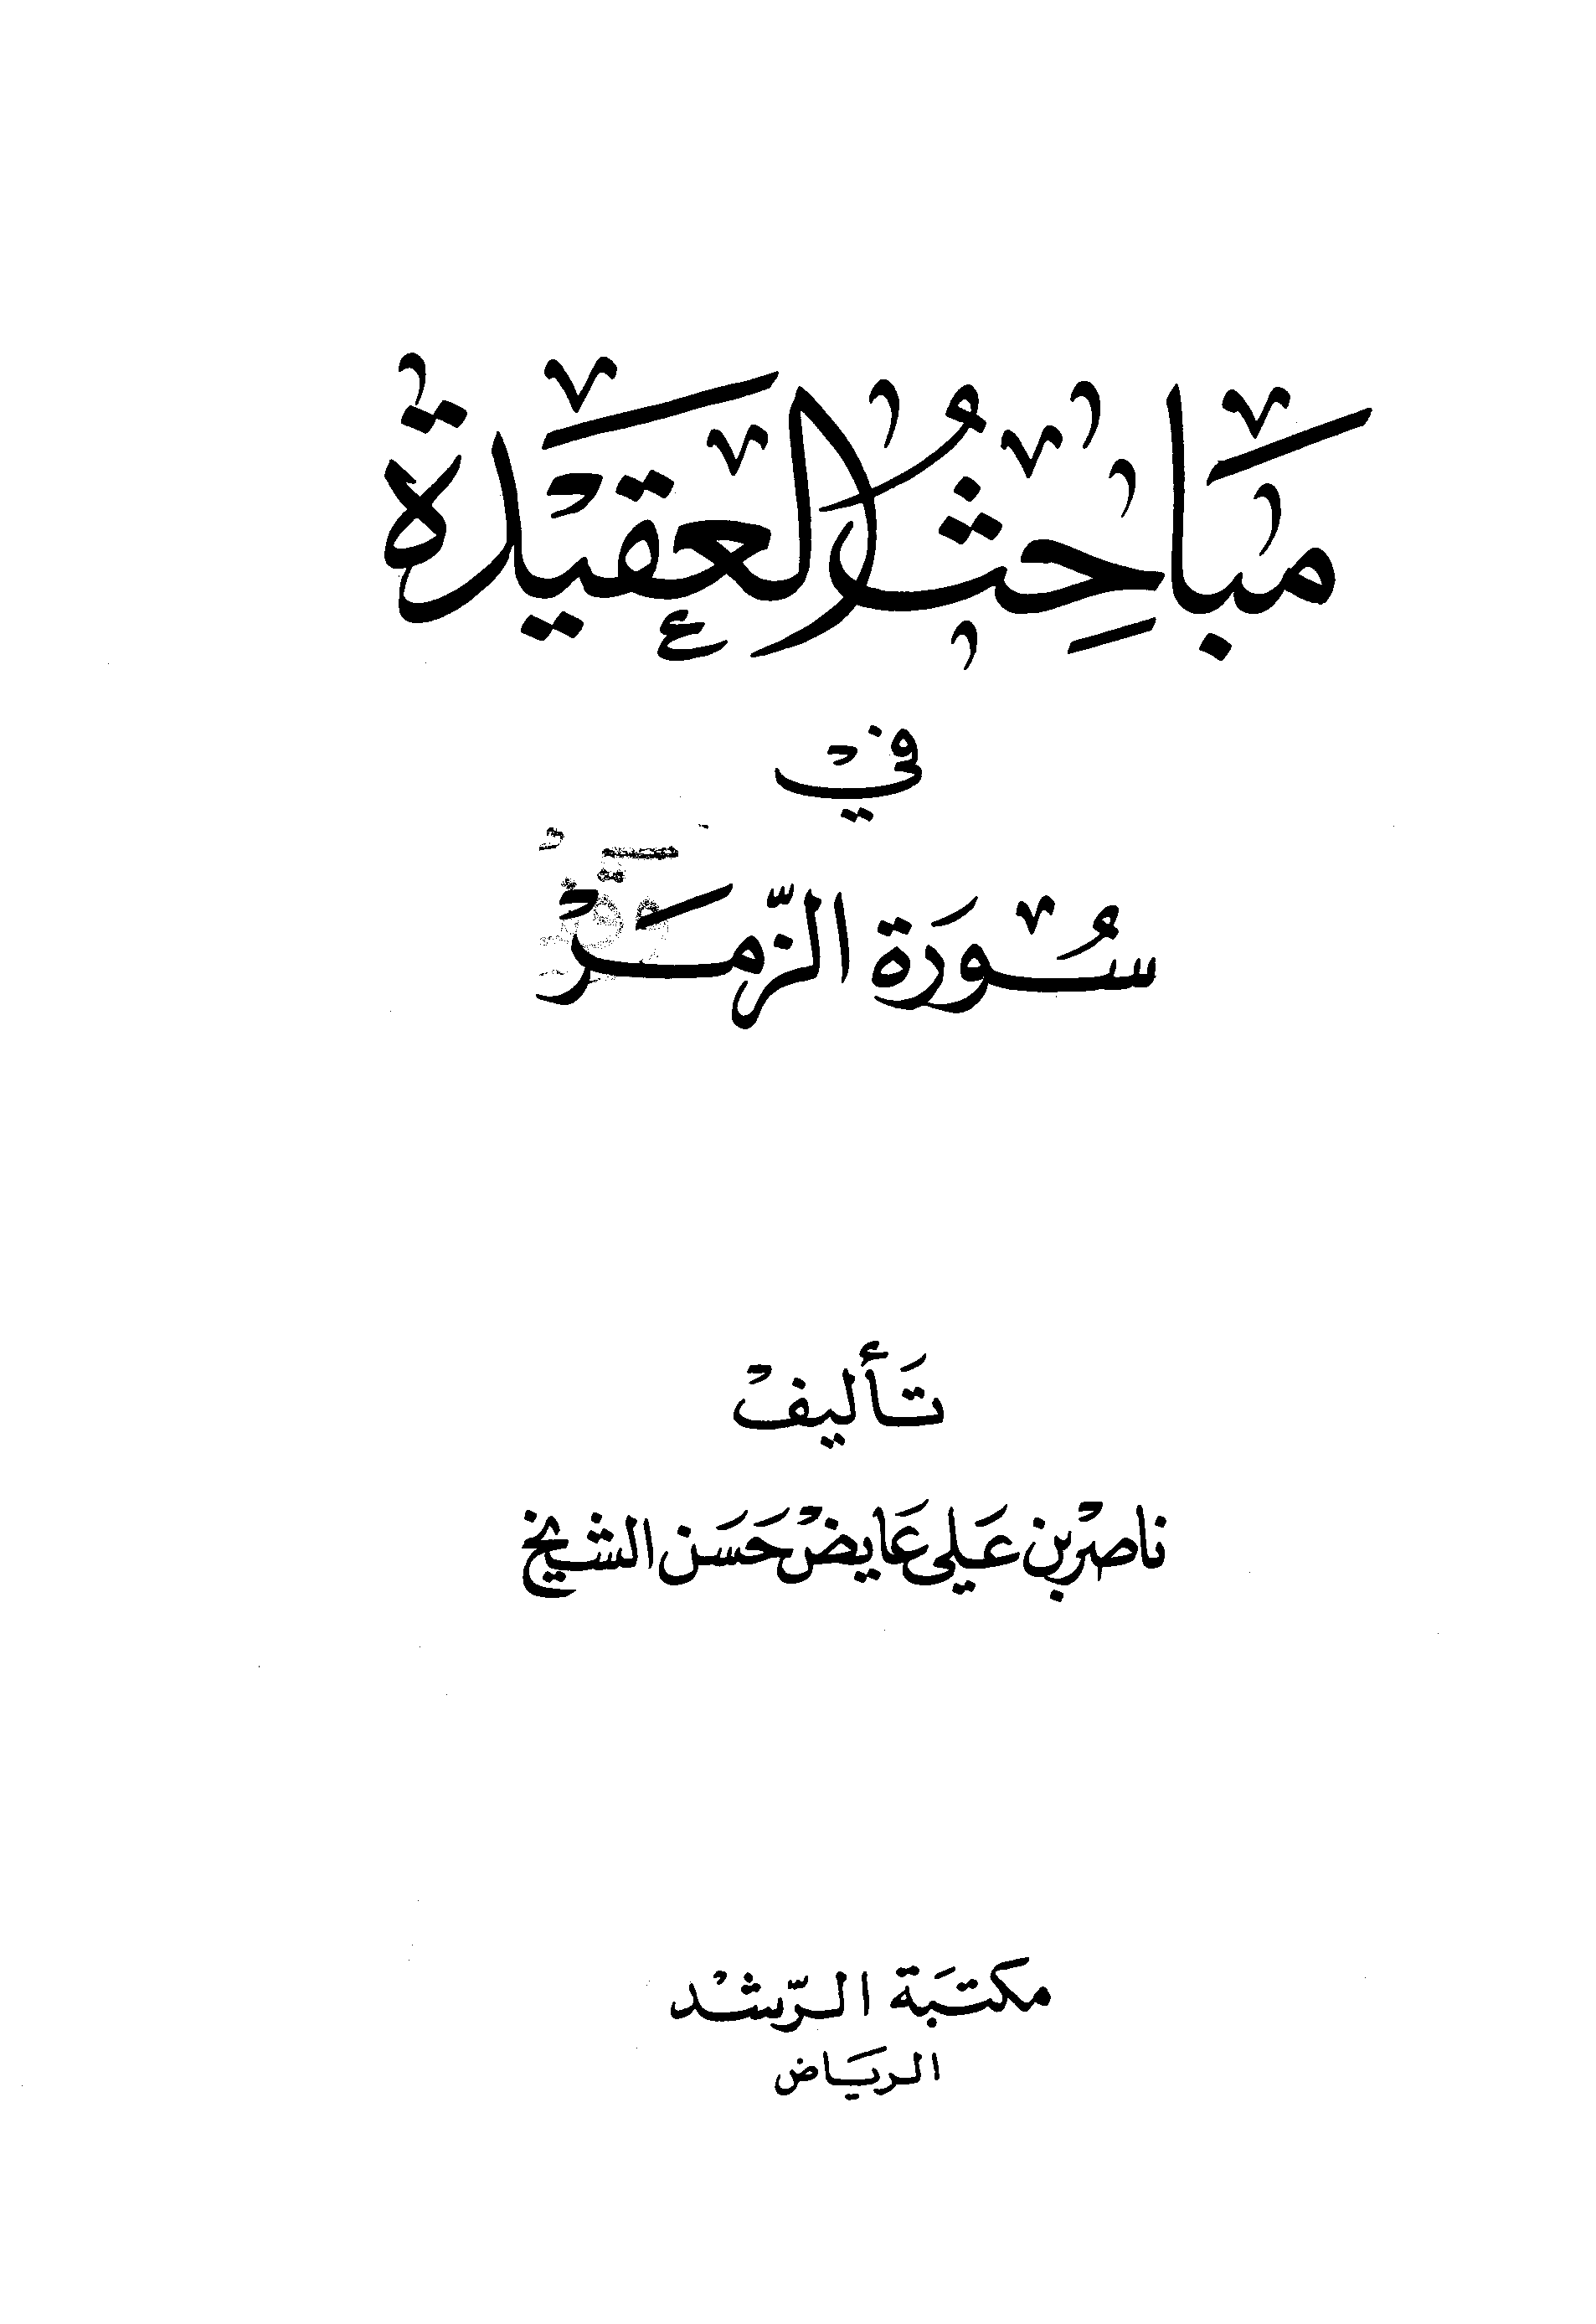 تحميل كتاب مباحث العقيدة في سورة الزمر لـِ: الدكتور ناصر بن علي عايض حسن الشيخ